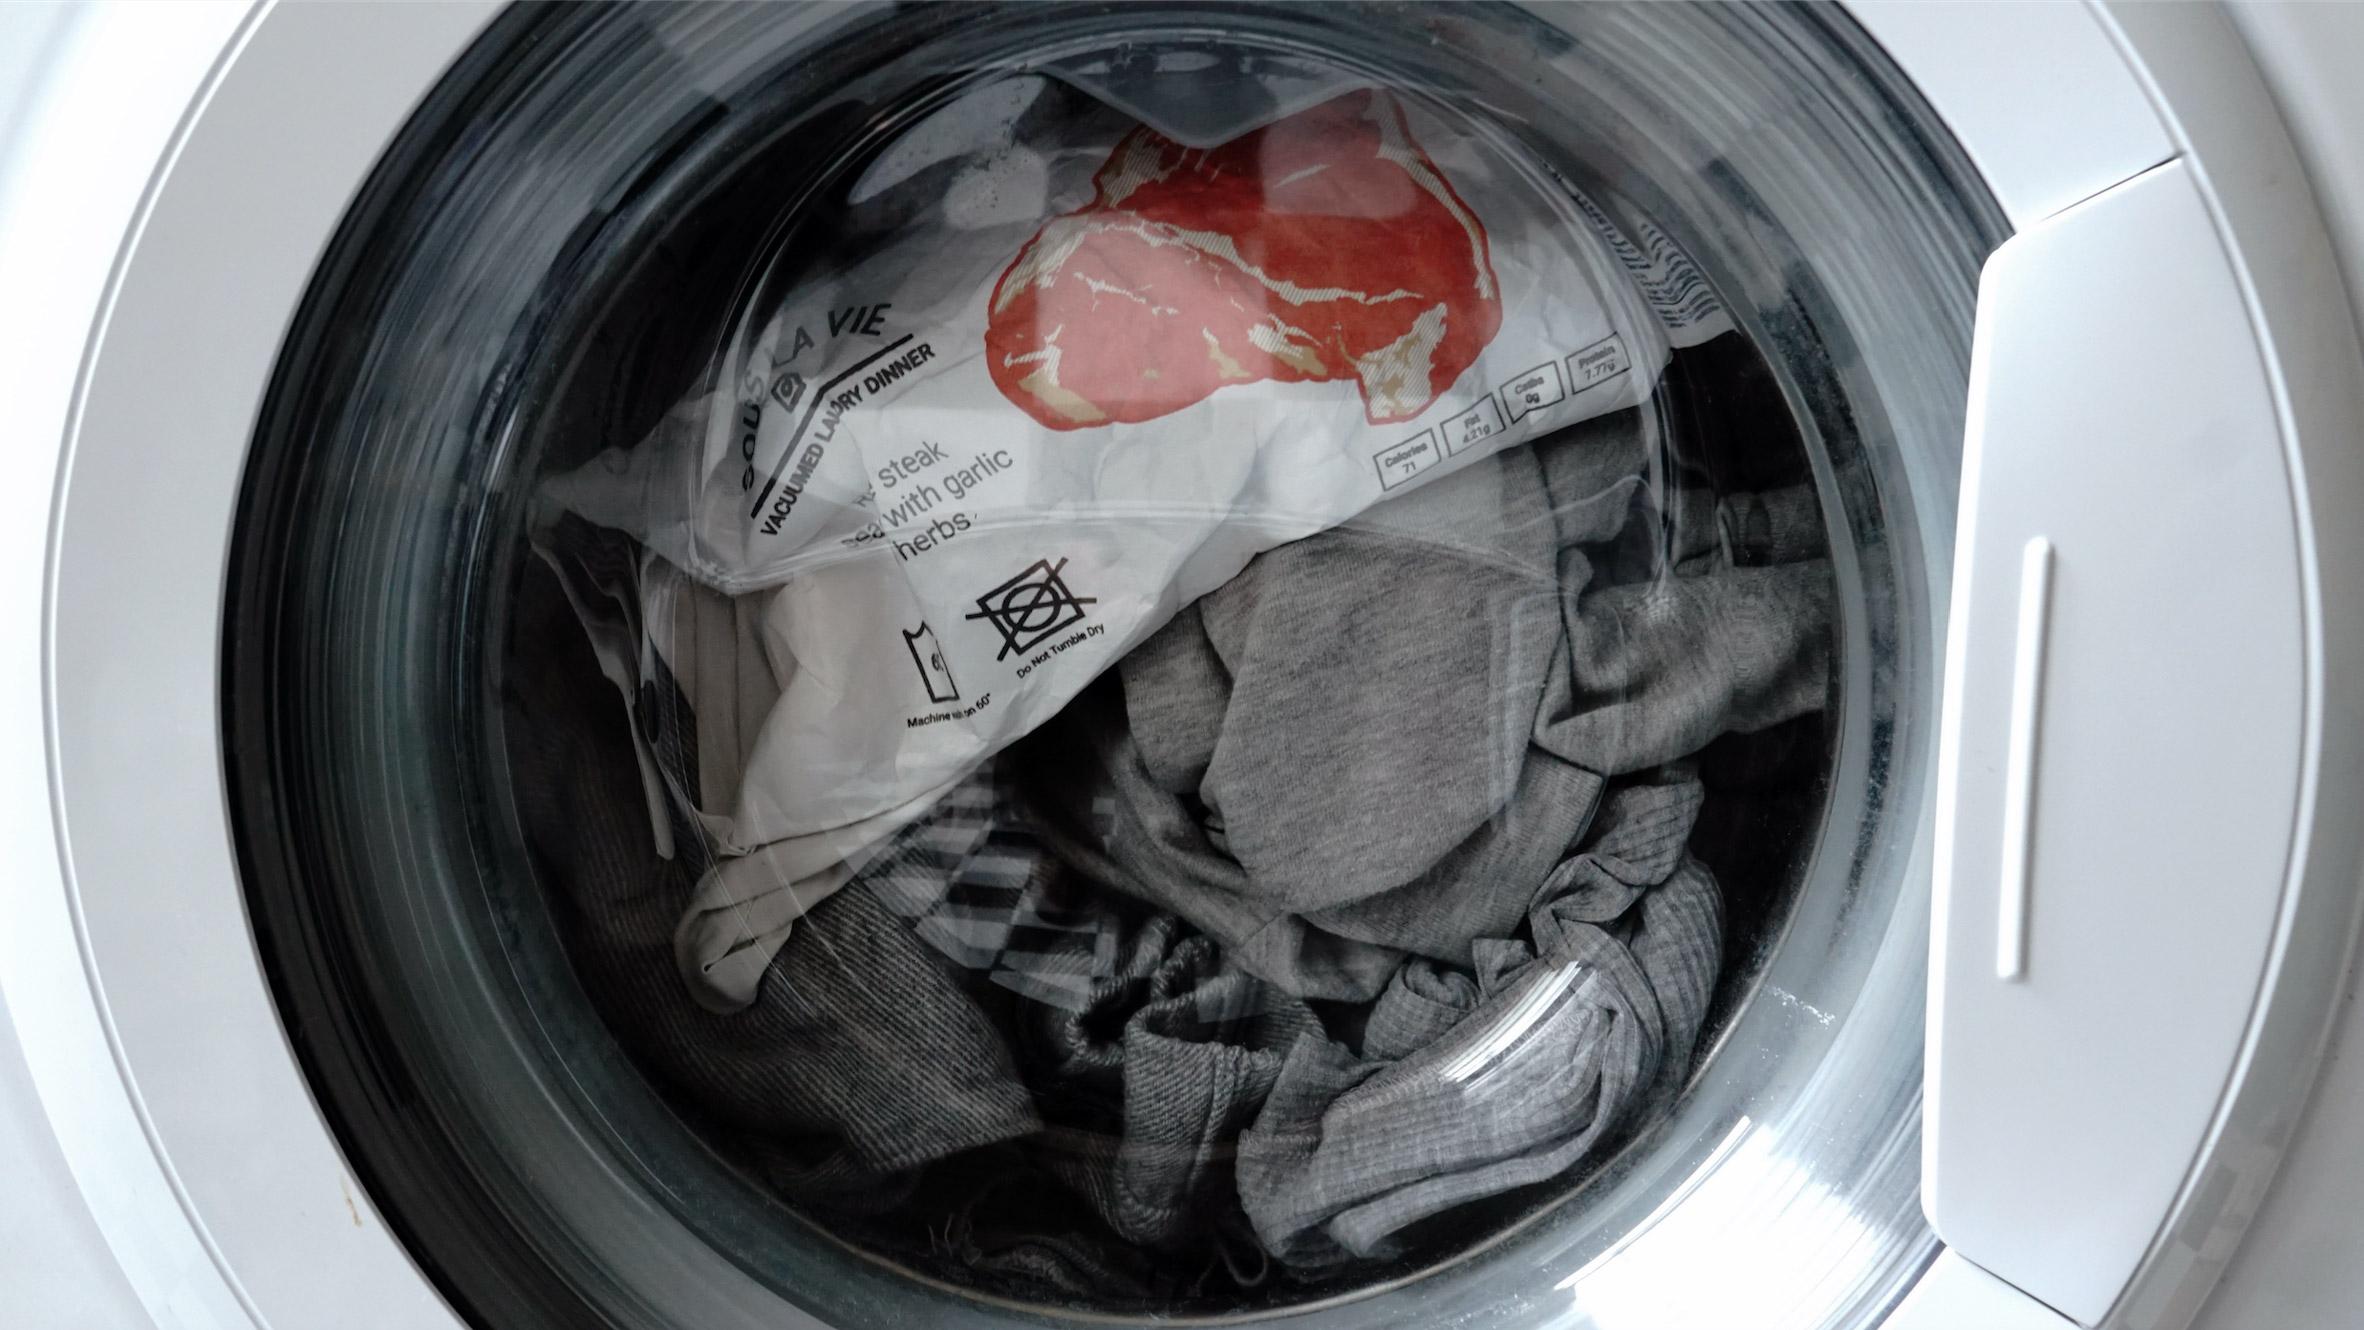 Bildergebnis für Iftach Gazit laundry dinner